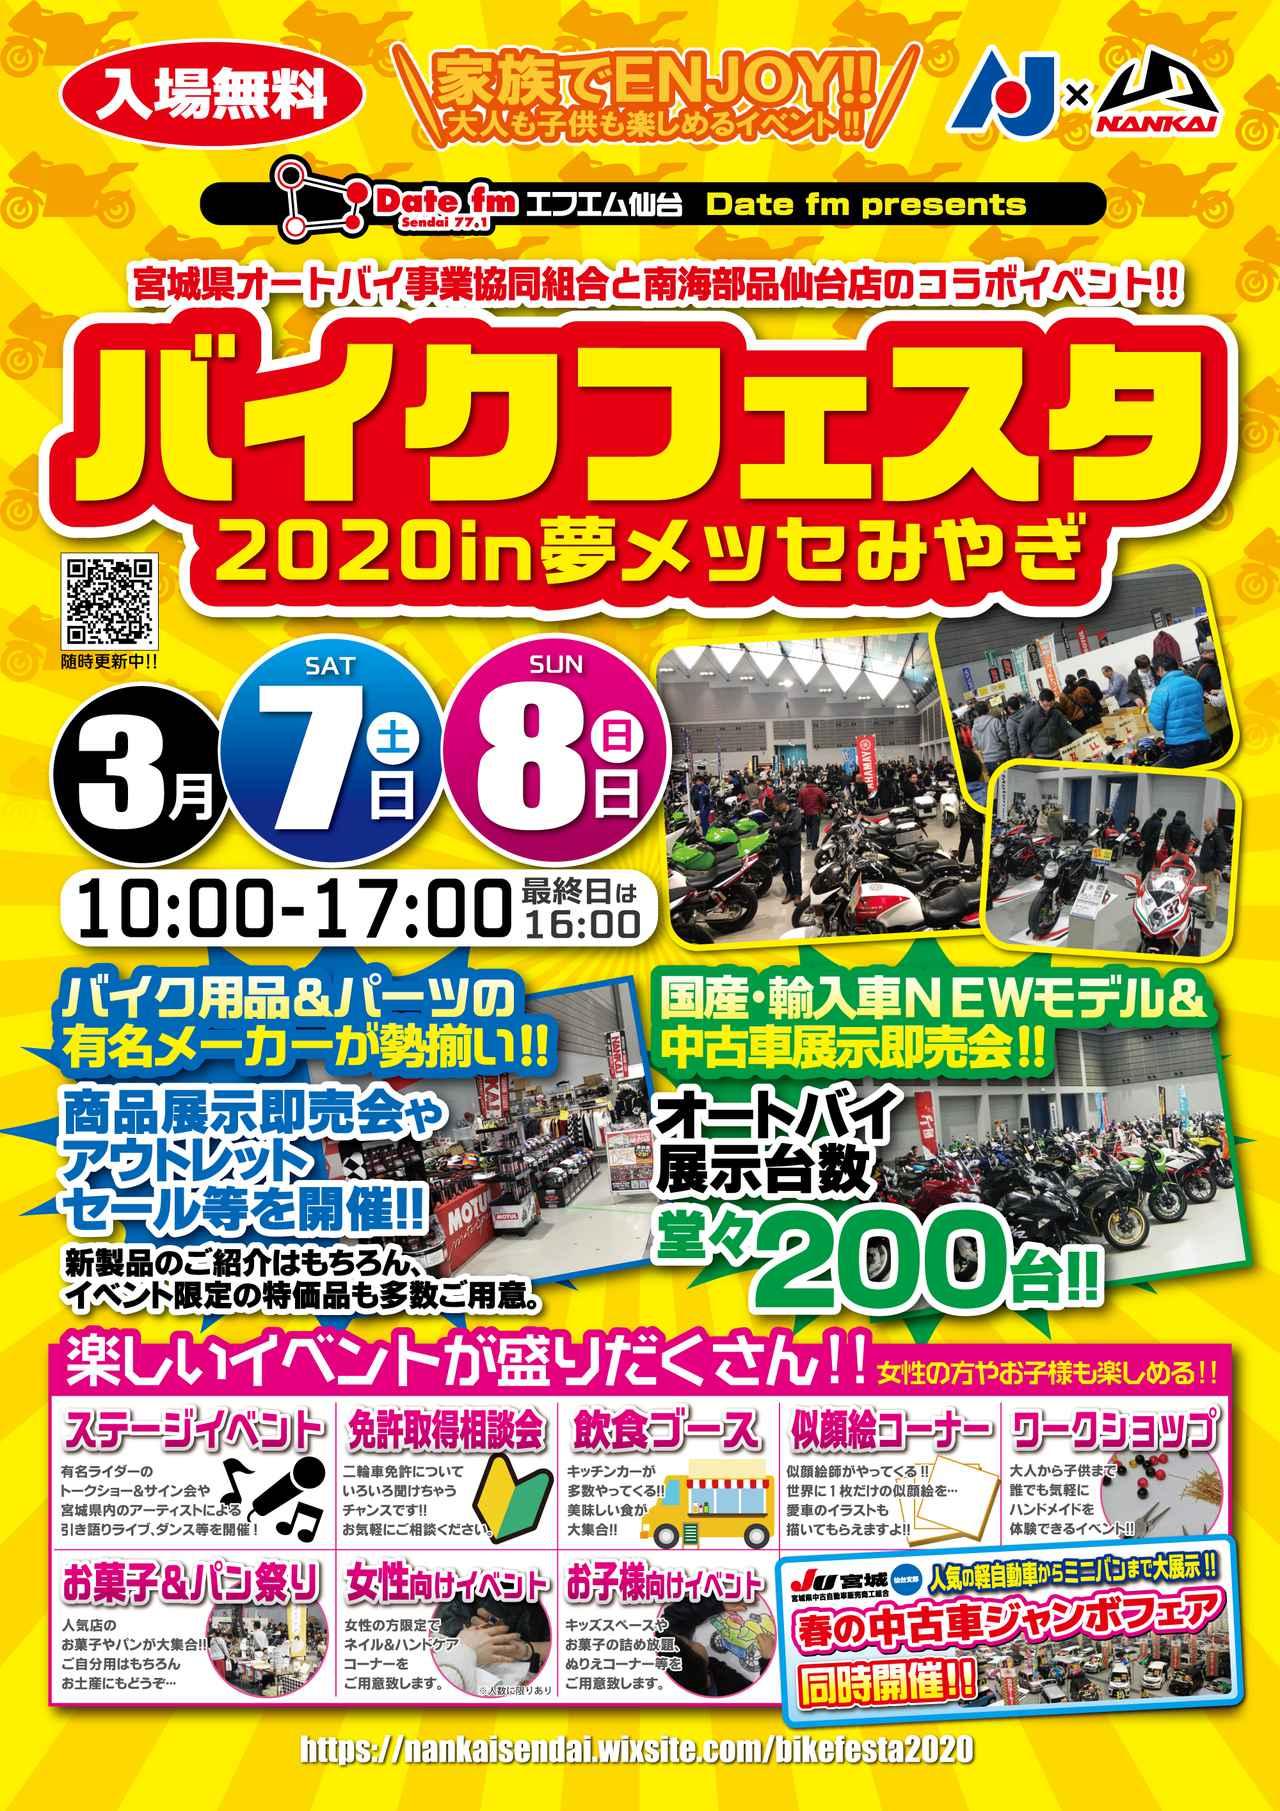 「バイクフェスタ2020 in 夢メッセみやぎ」が3月7日・8日に開催! 車両の展示即売会や用品のアウトレットセールもあり!